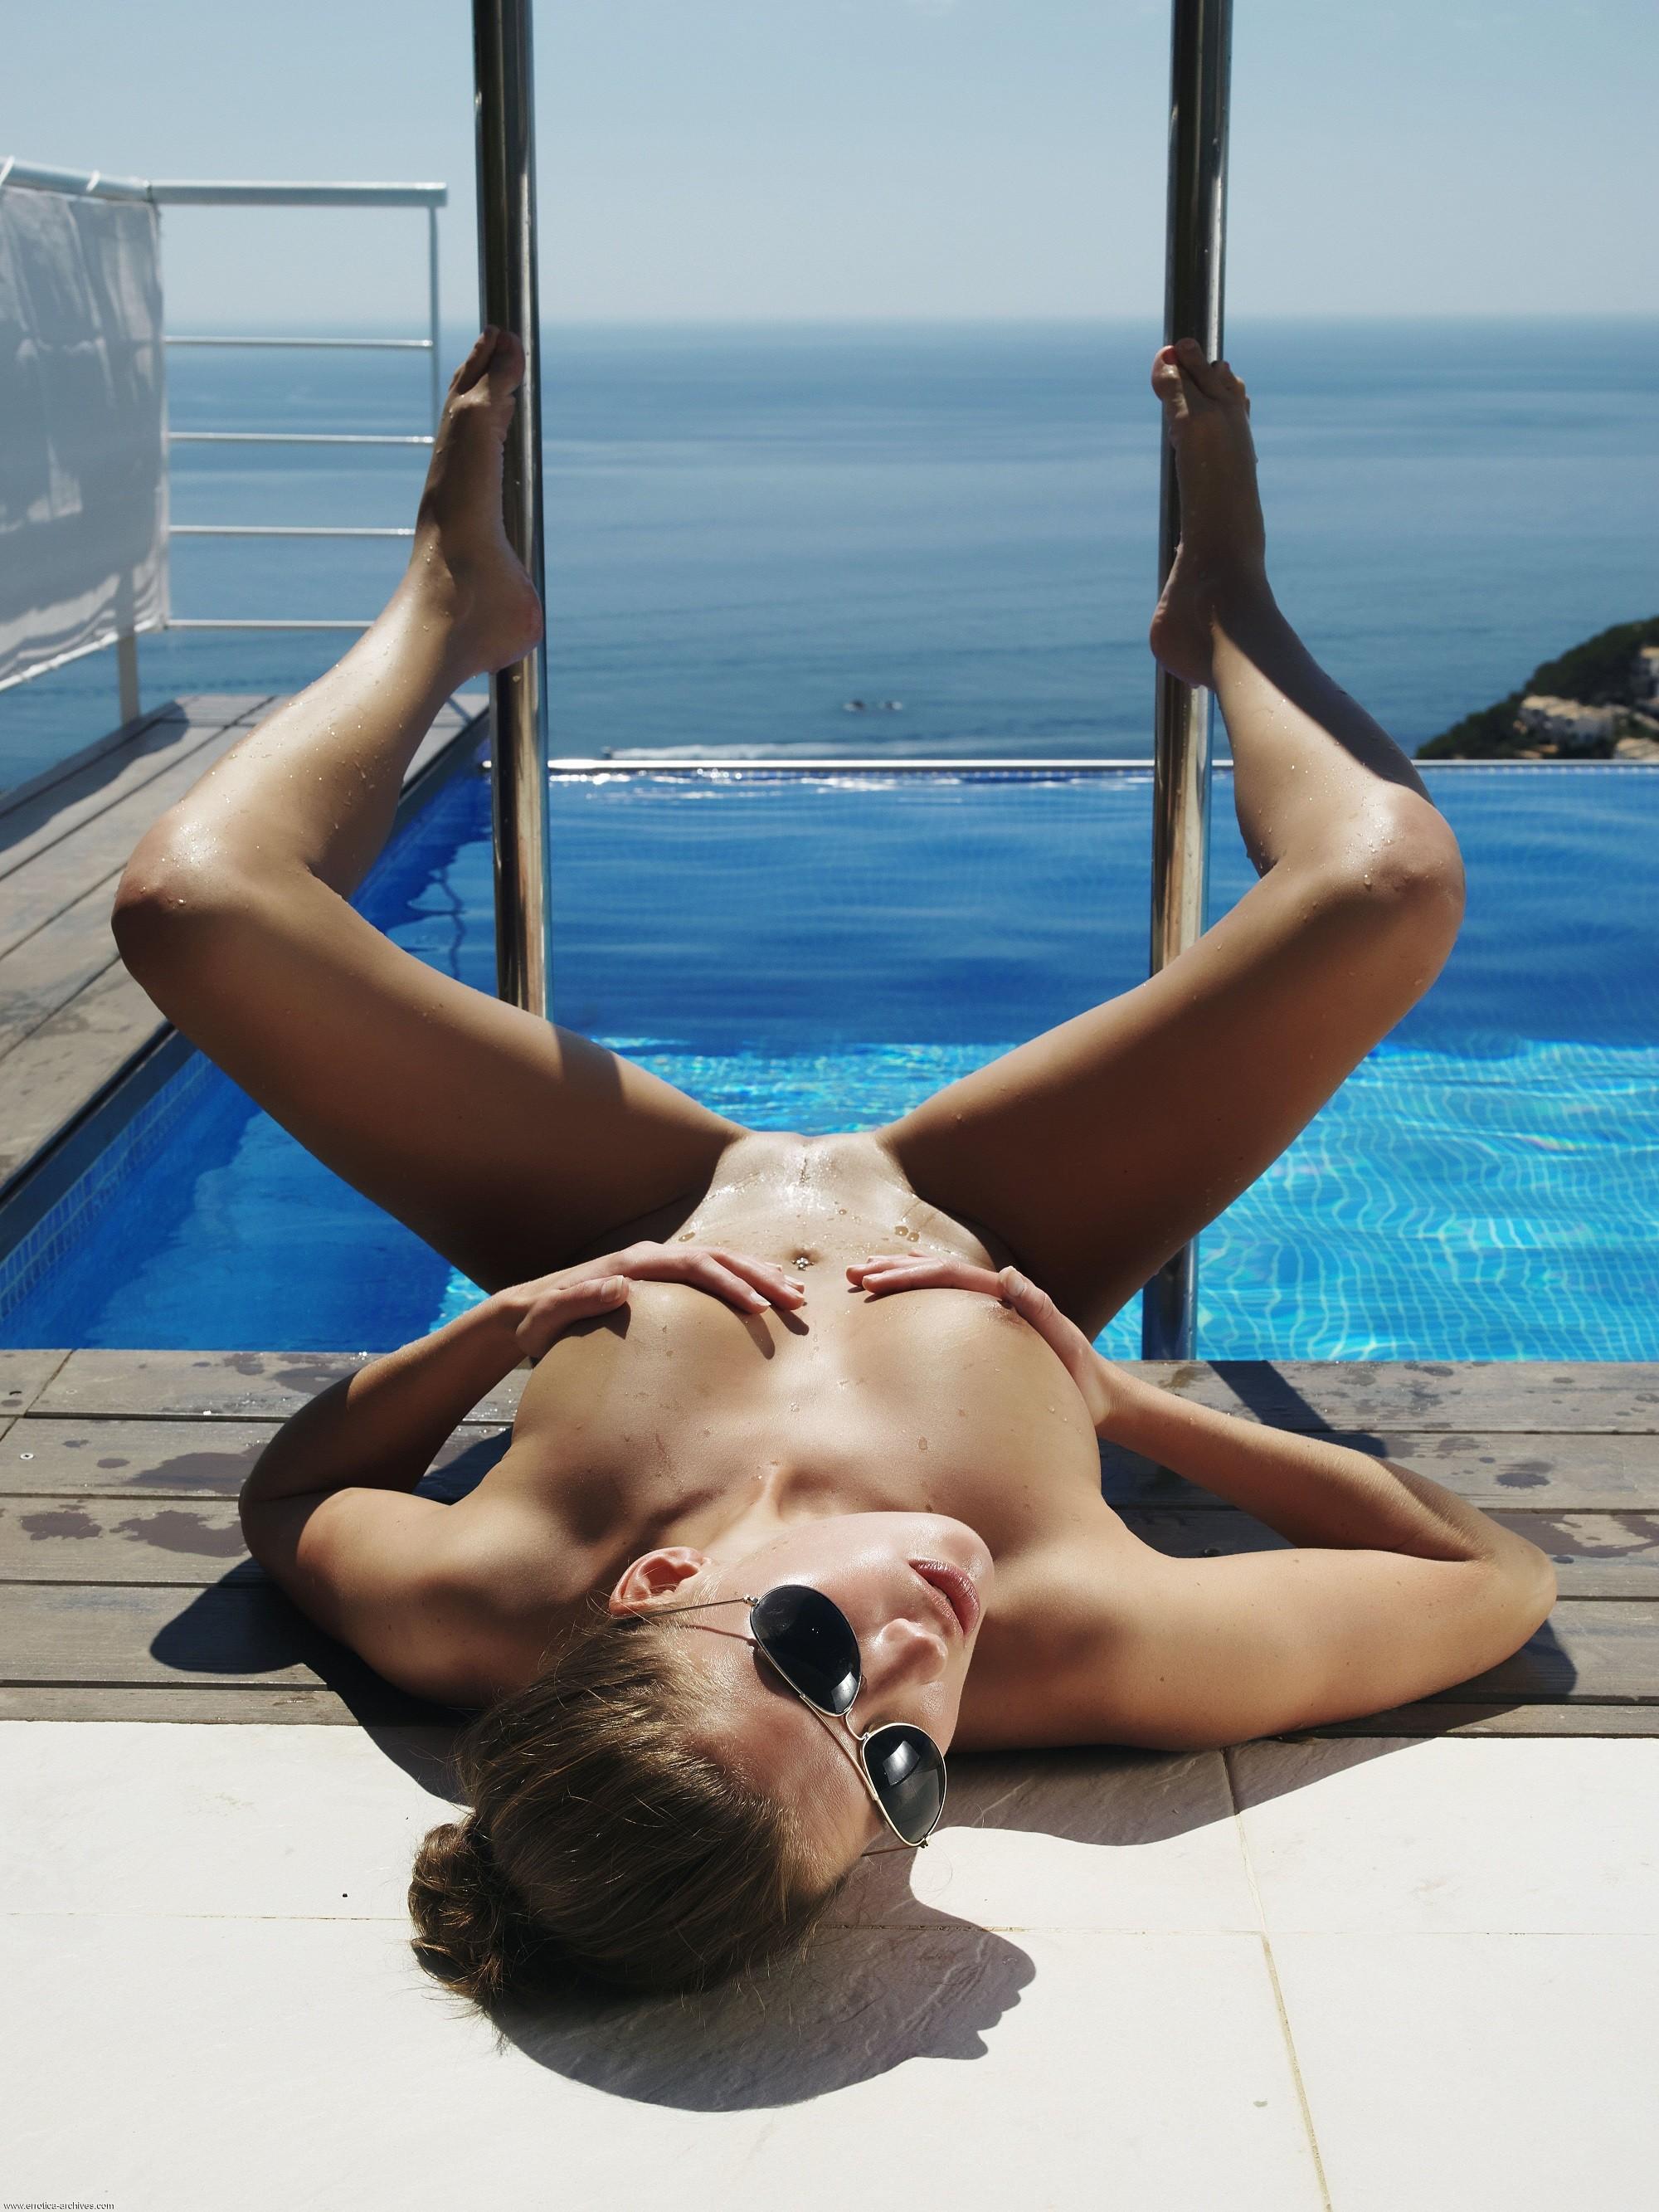 Голая девушка в очках нежится рядом с бассейном - фото